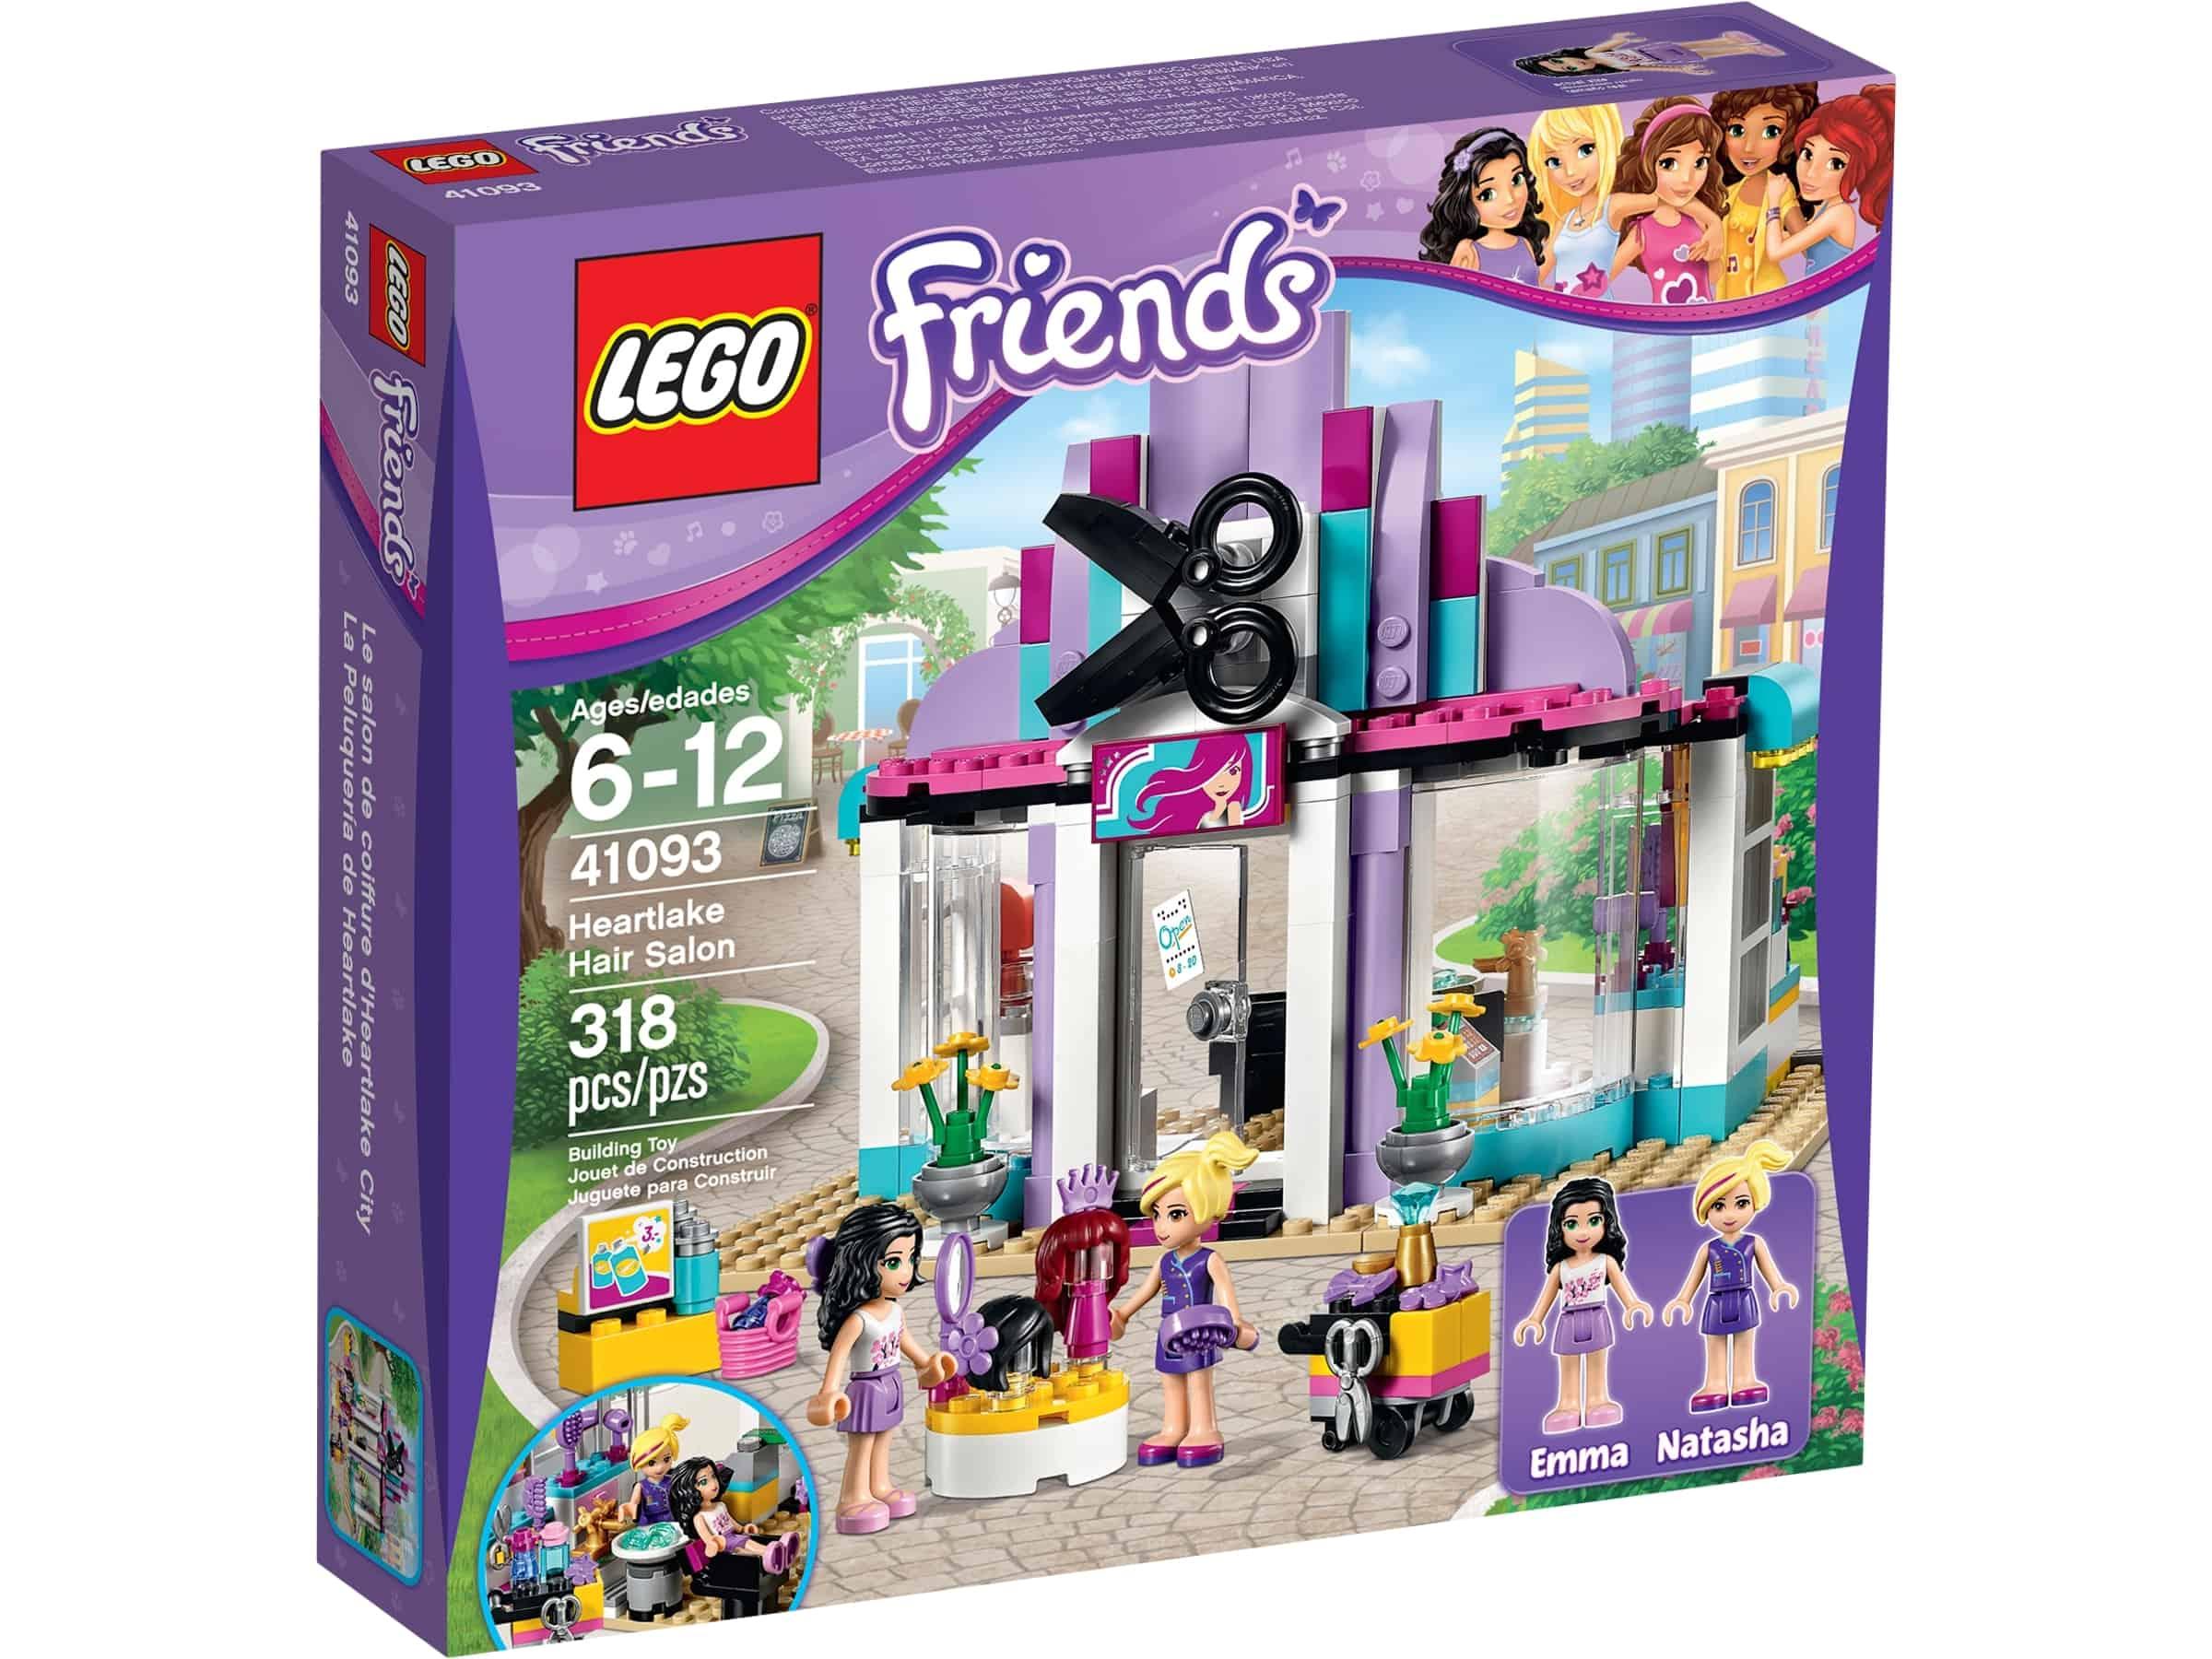 lego 41093 frisorsalongen i heartlake